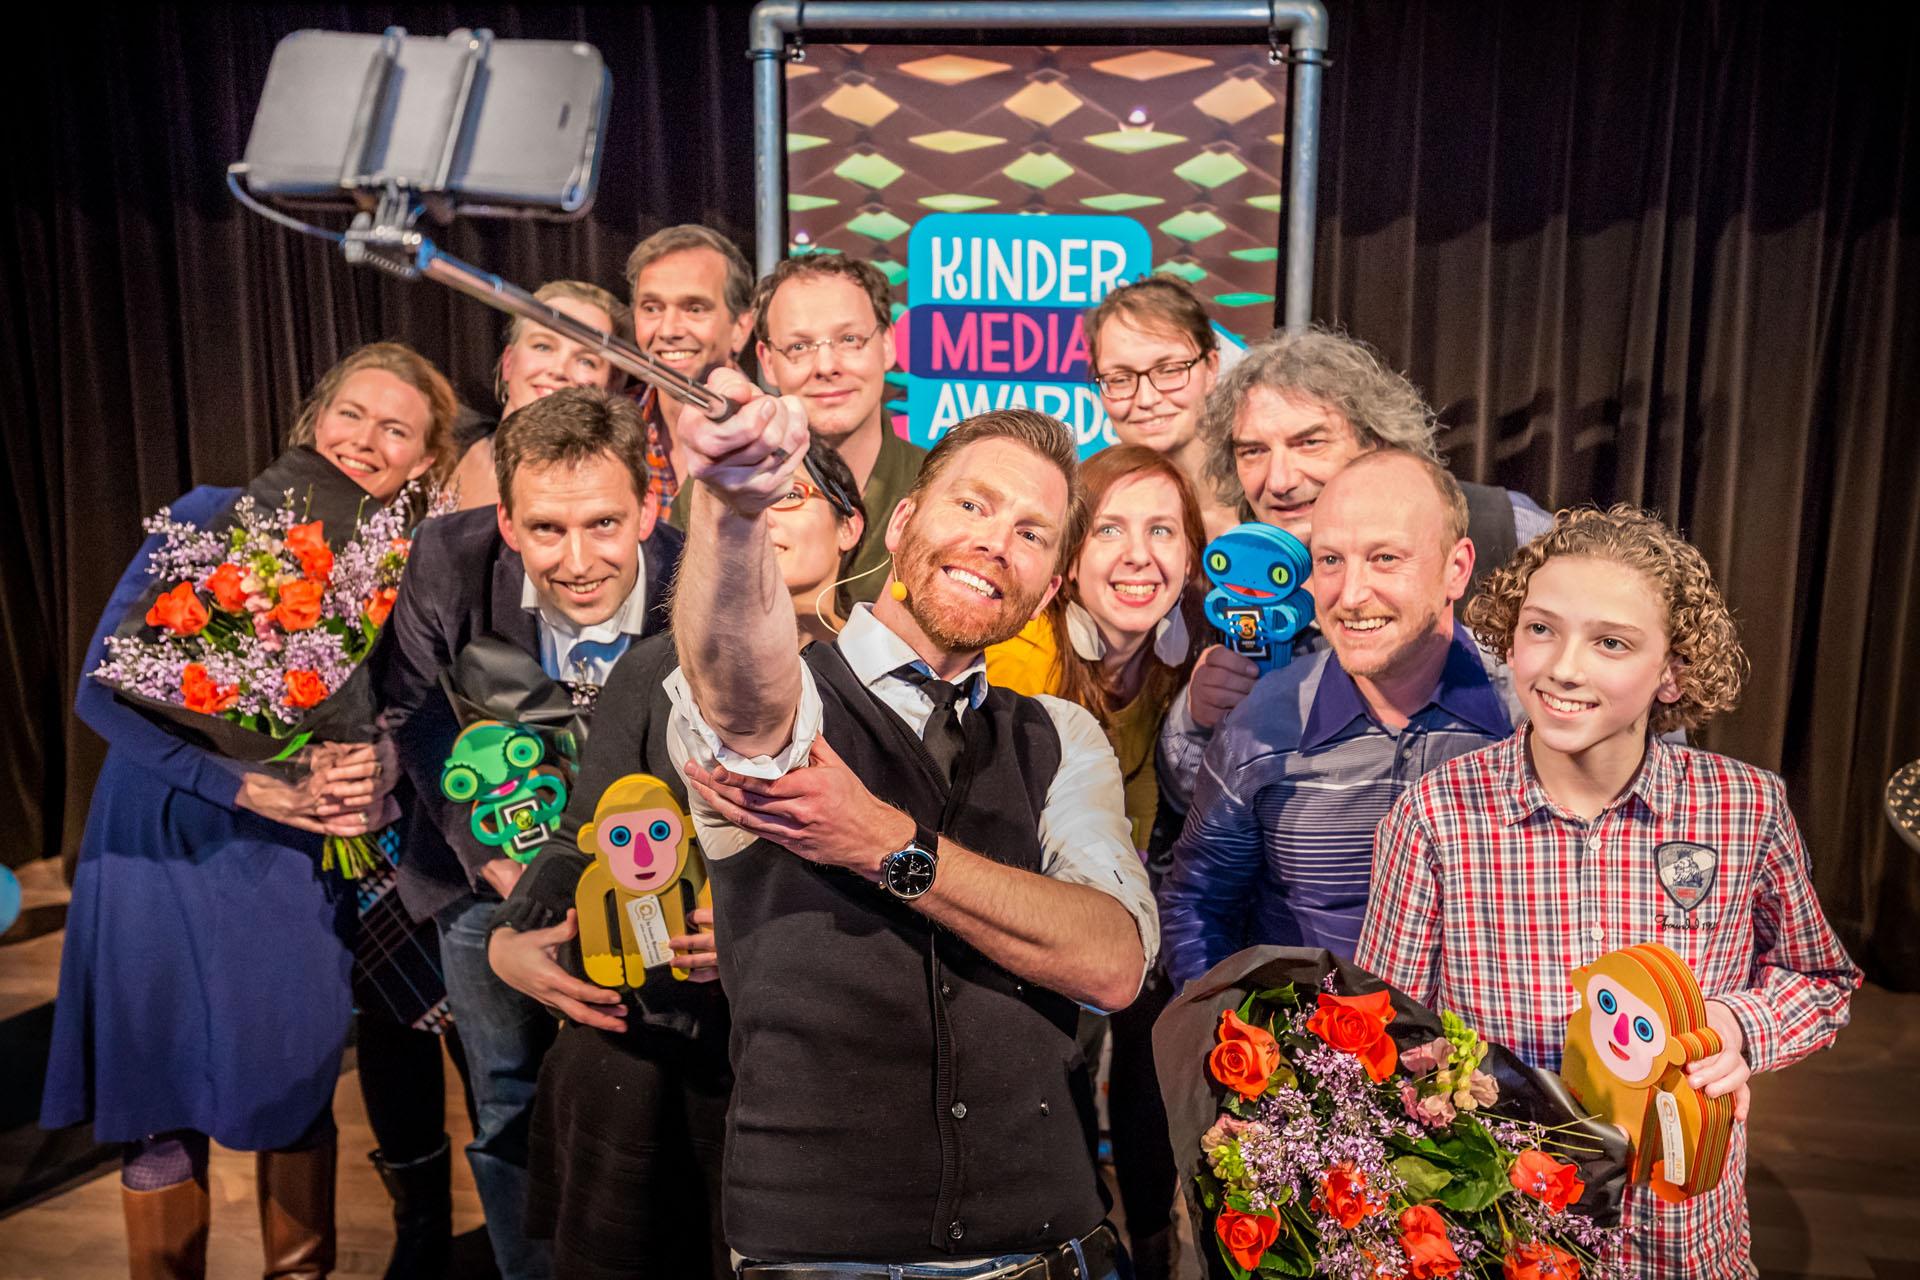 Selfie Kinder Media Awards 2015